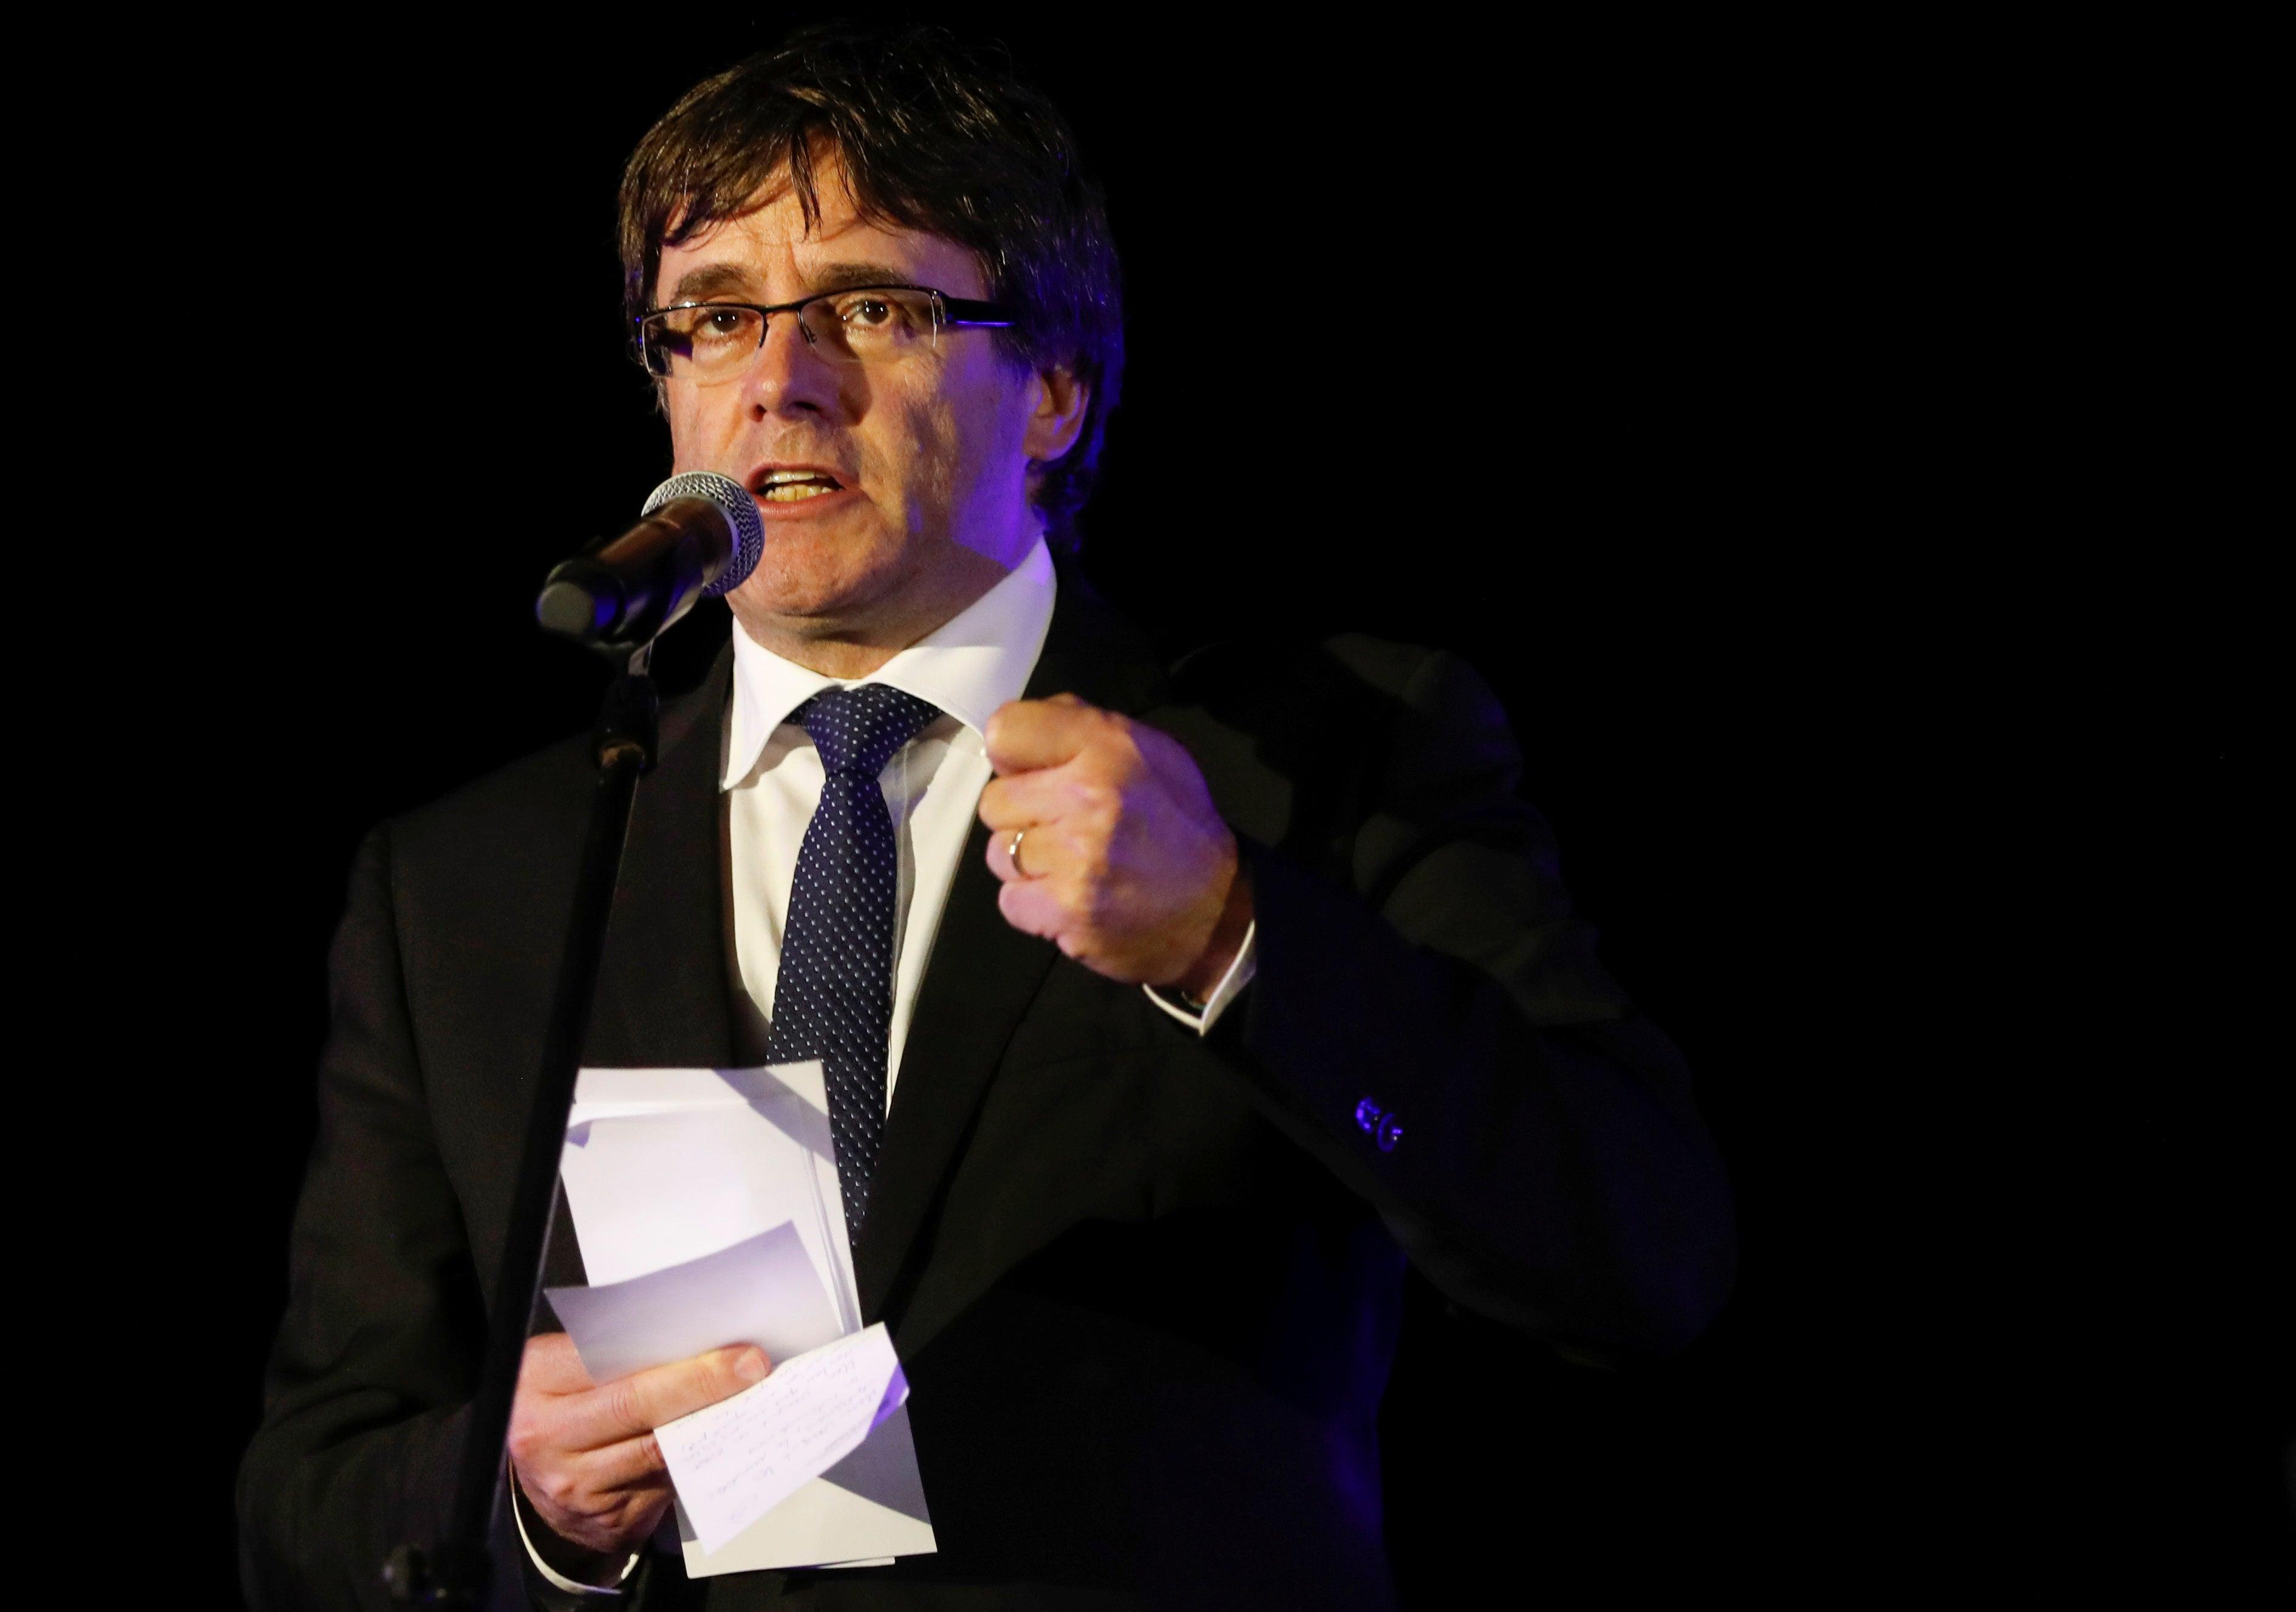 Governo regional diz que 337 pessoas ficaram feridas nos distúrbios — Catalunha